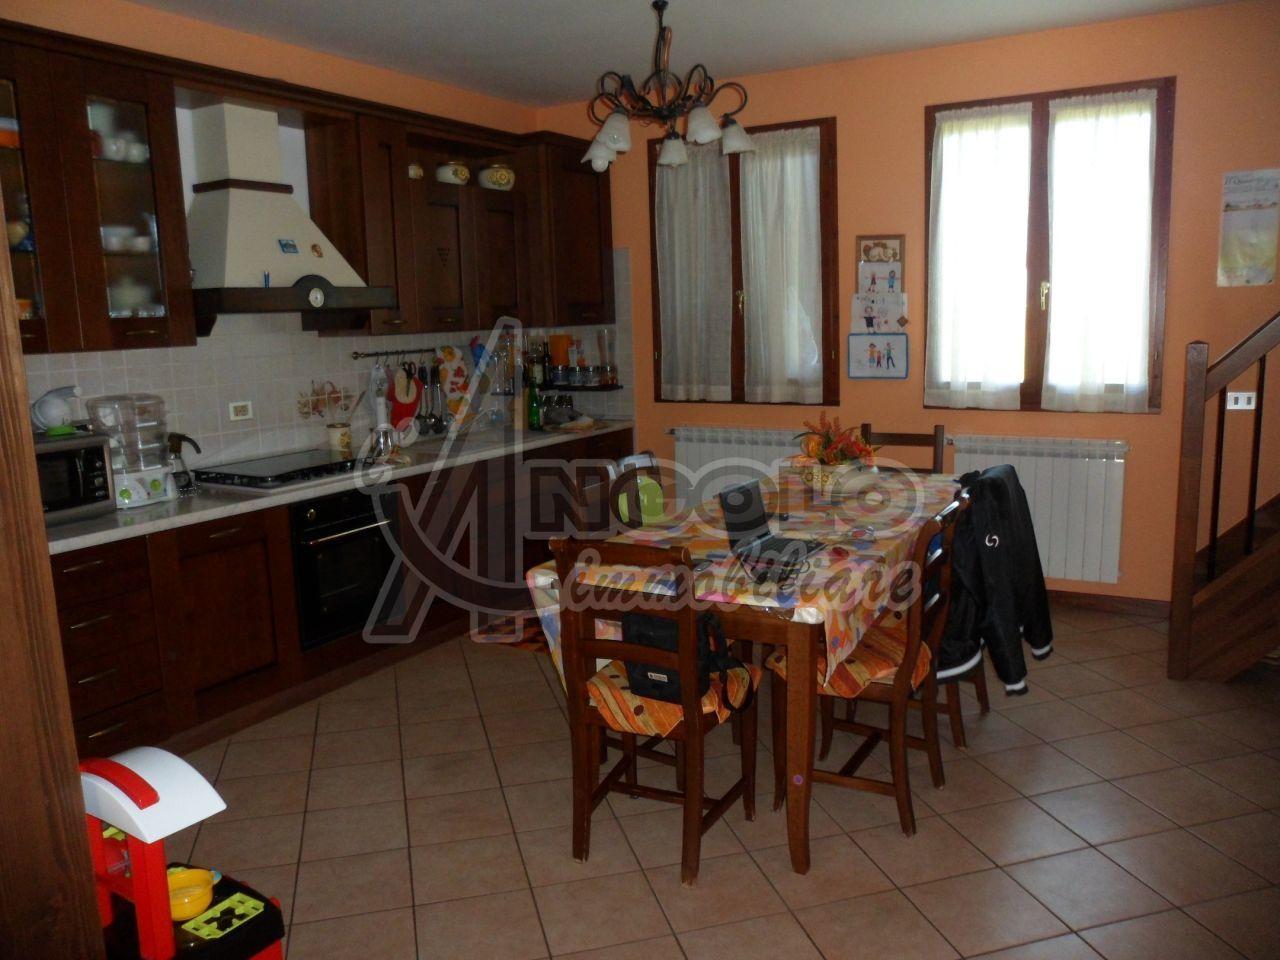 Appartamento in vendita a Canaro, 4 locali, prezzo € 98.000 | Cambio Casa.it